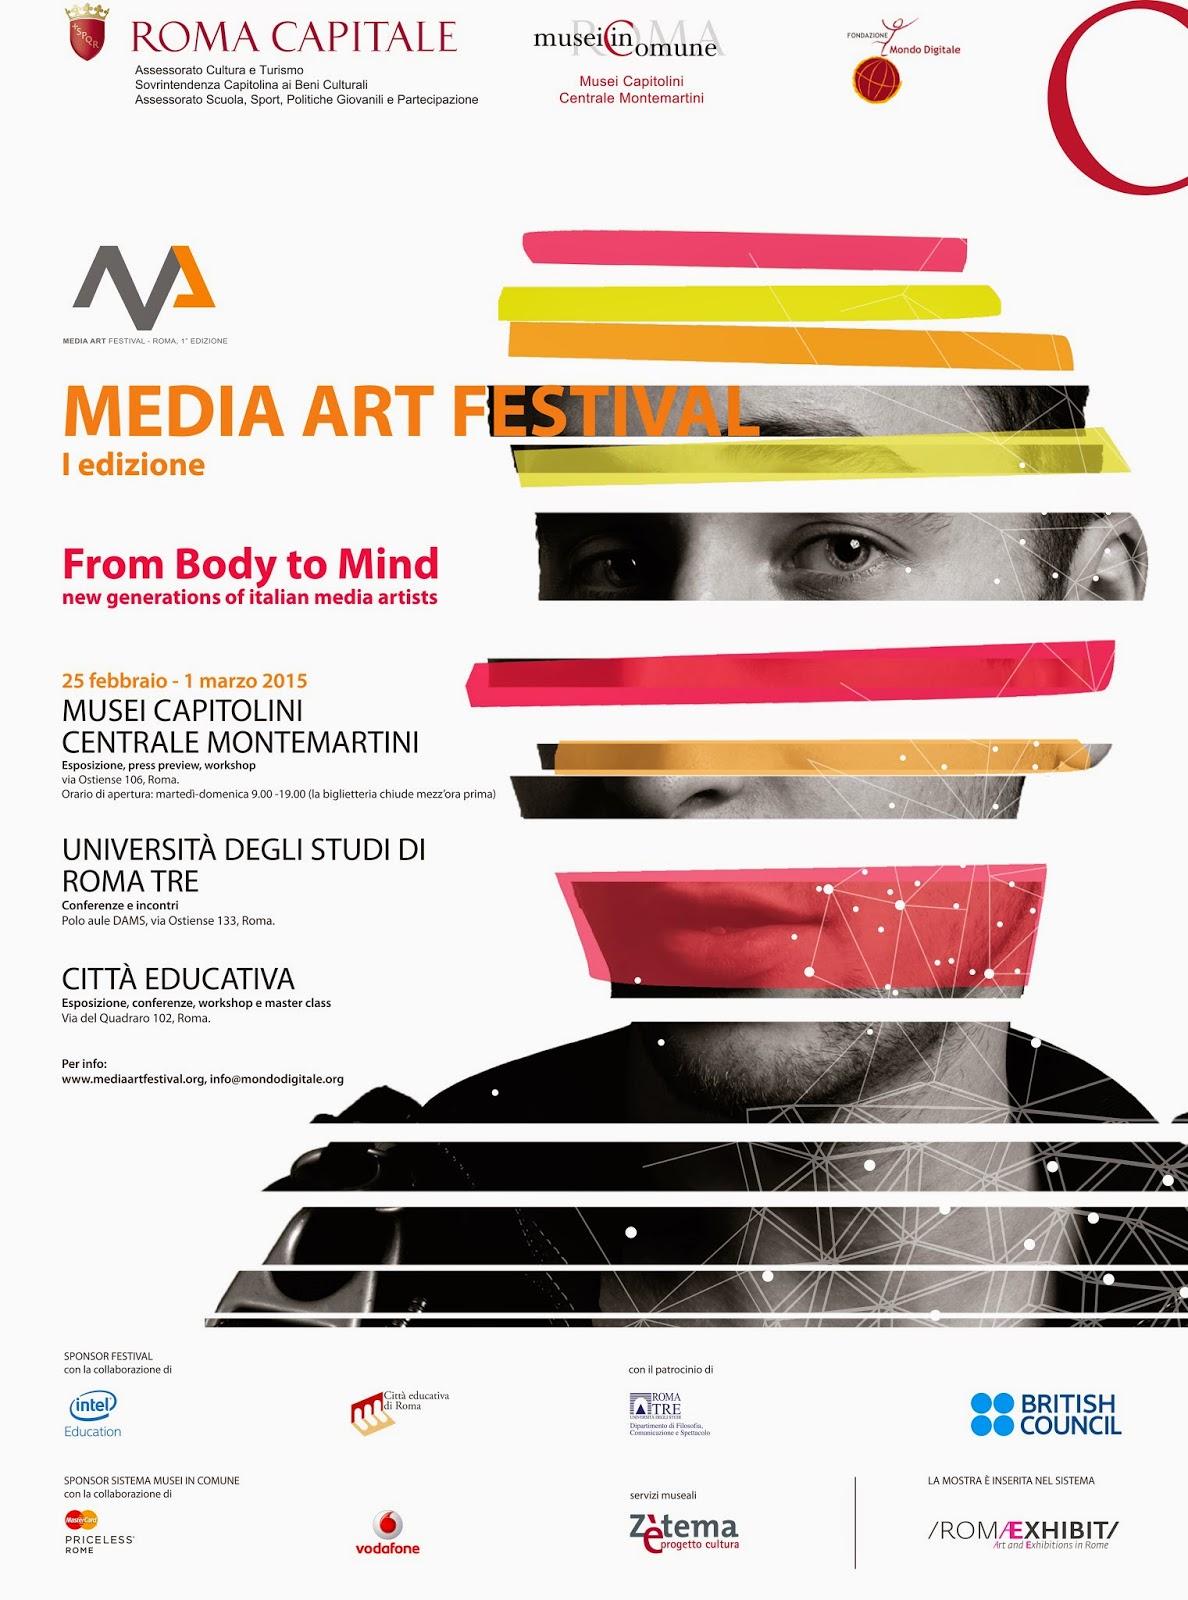 Media Art Festival 2015